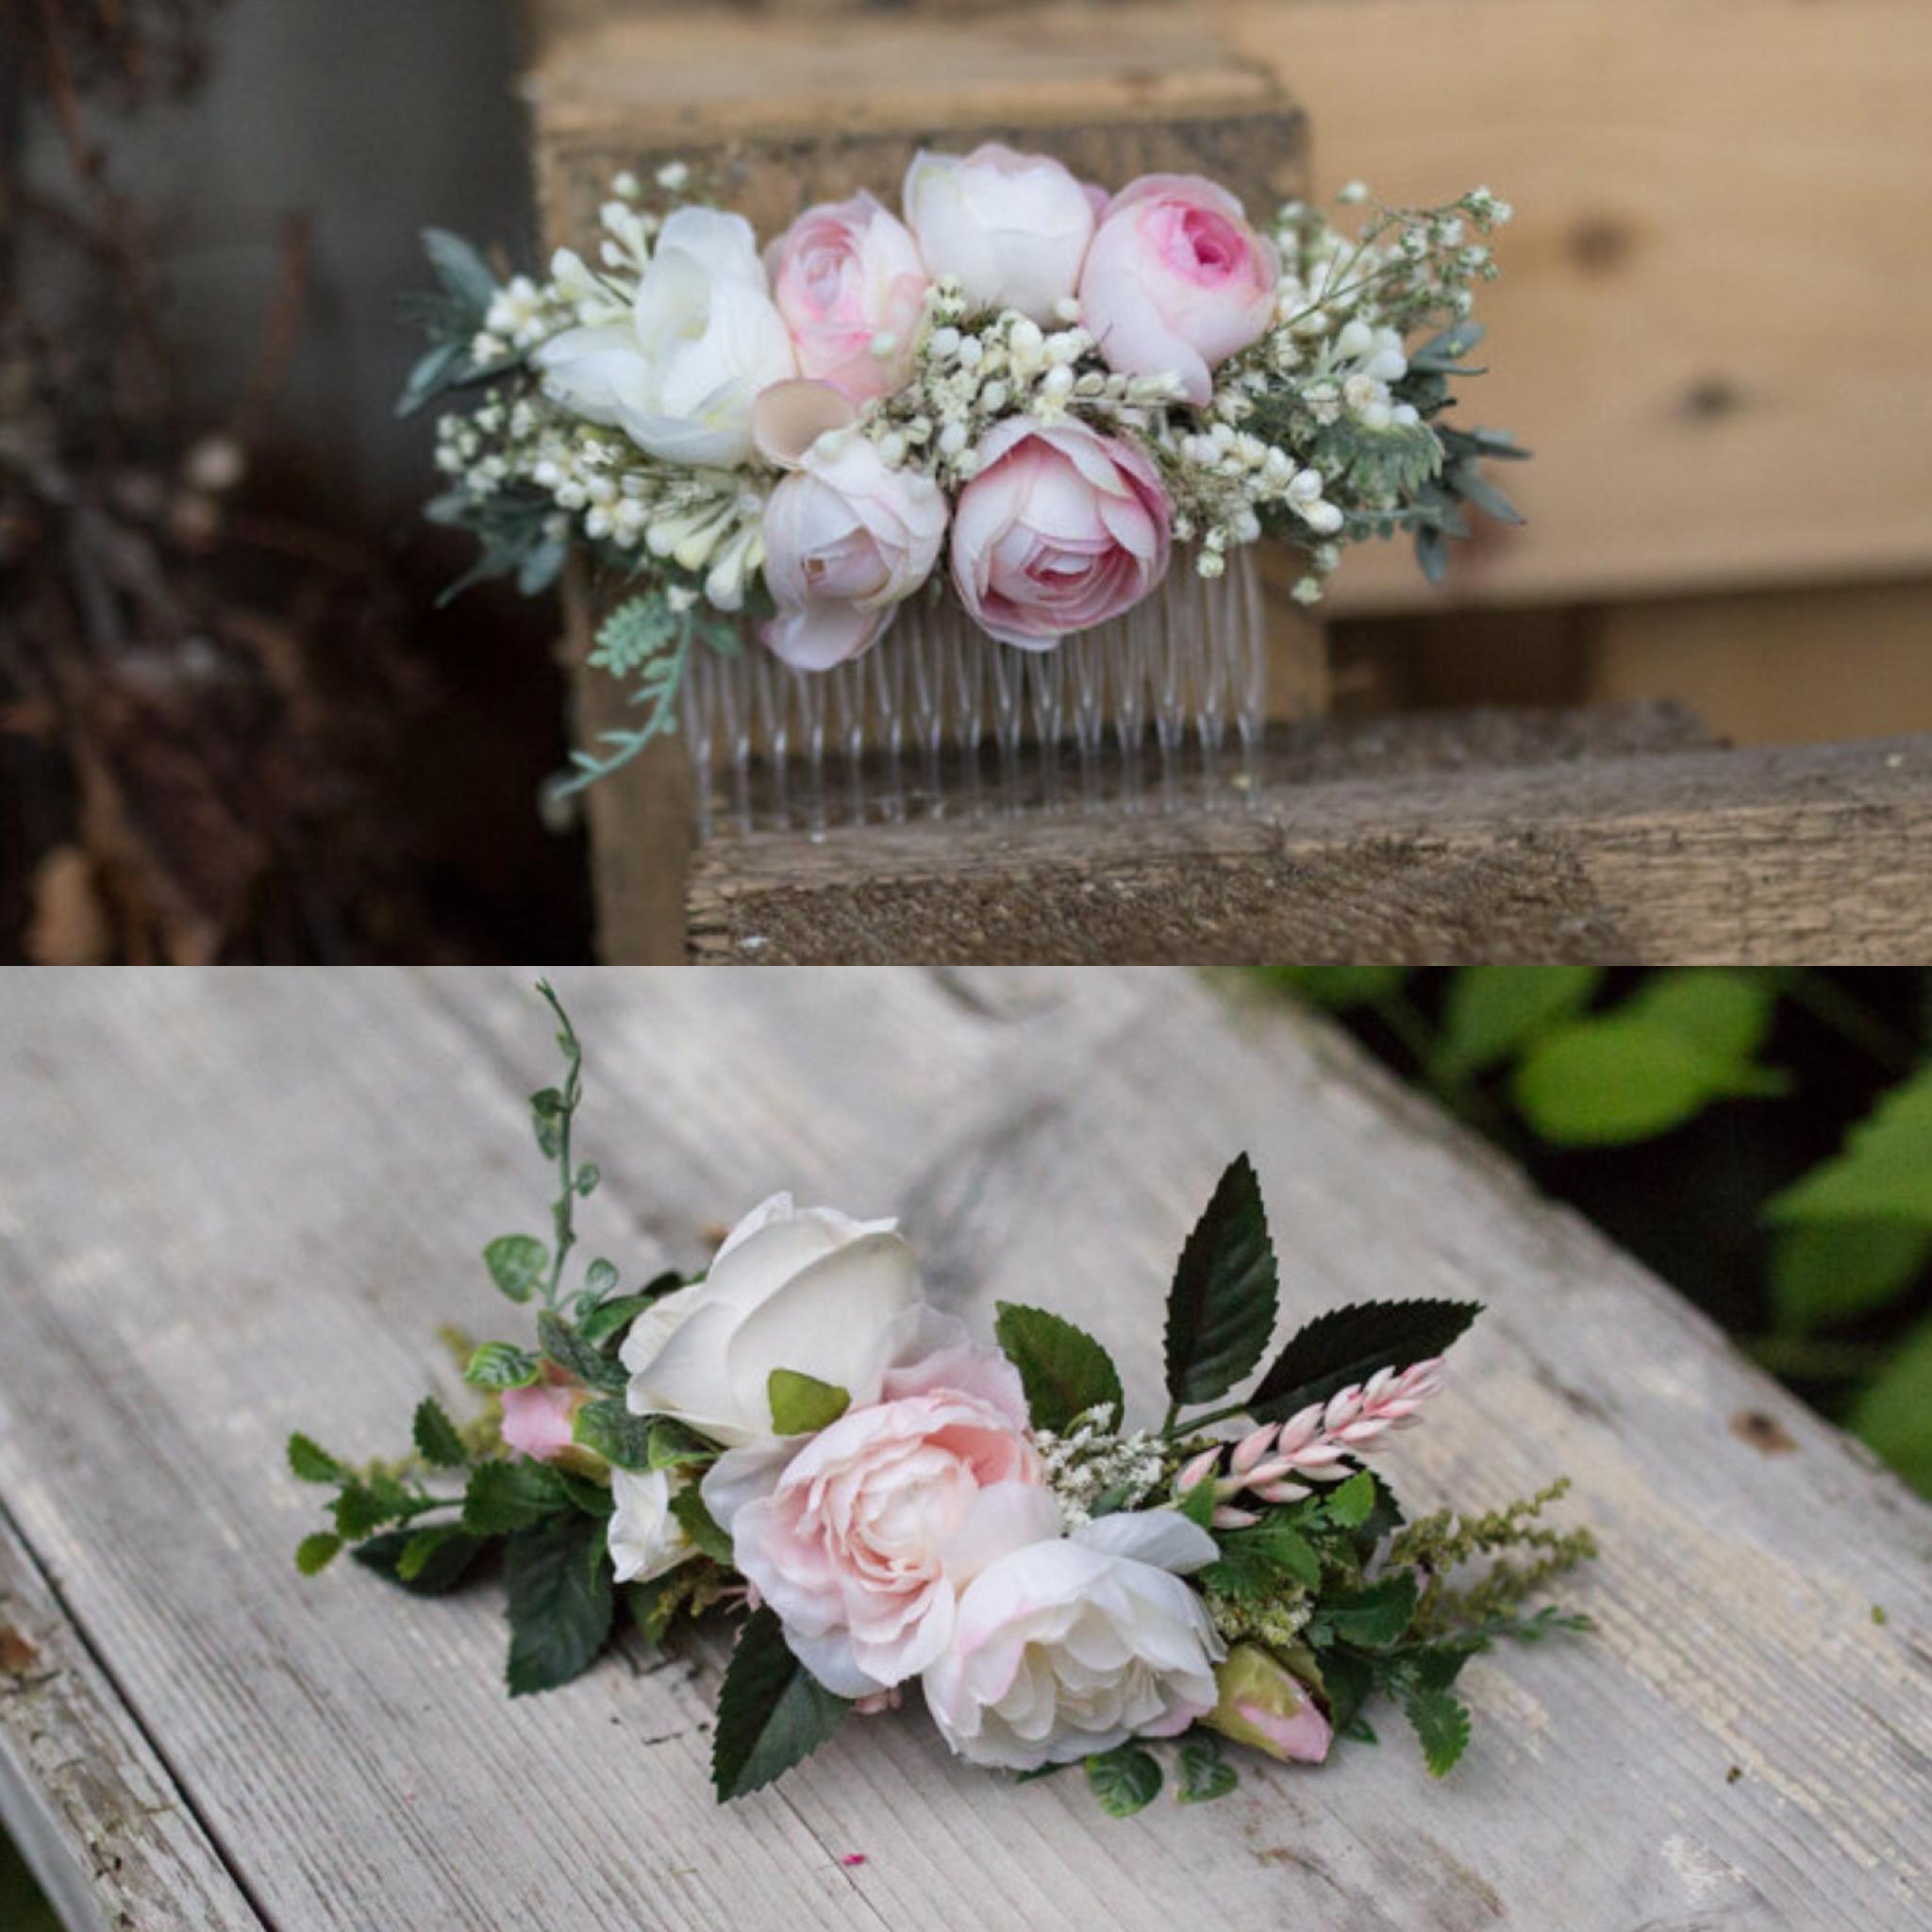 Su Blackwell Studio Blog: Fresh Flowers from Bloomon UK